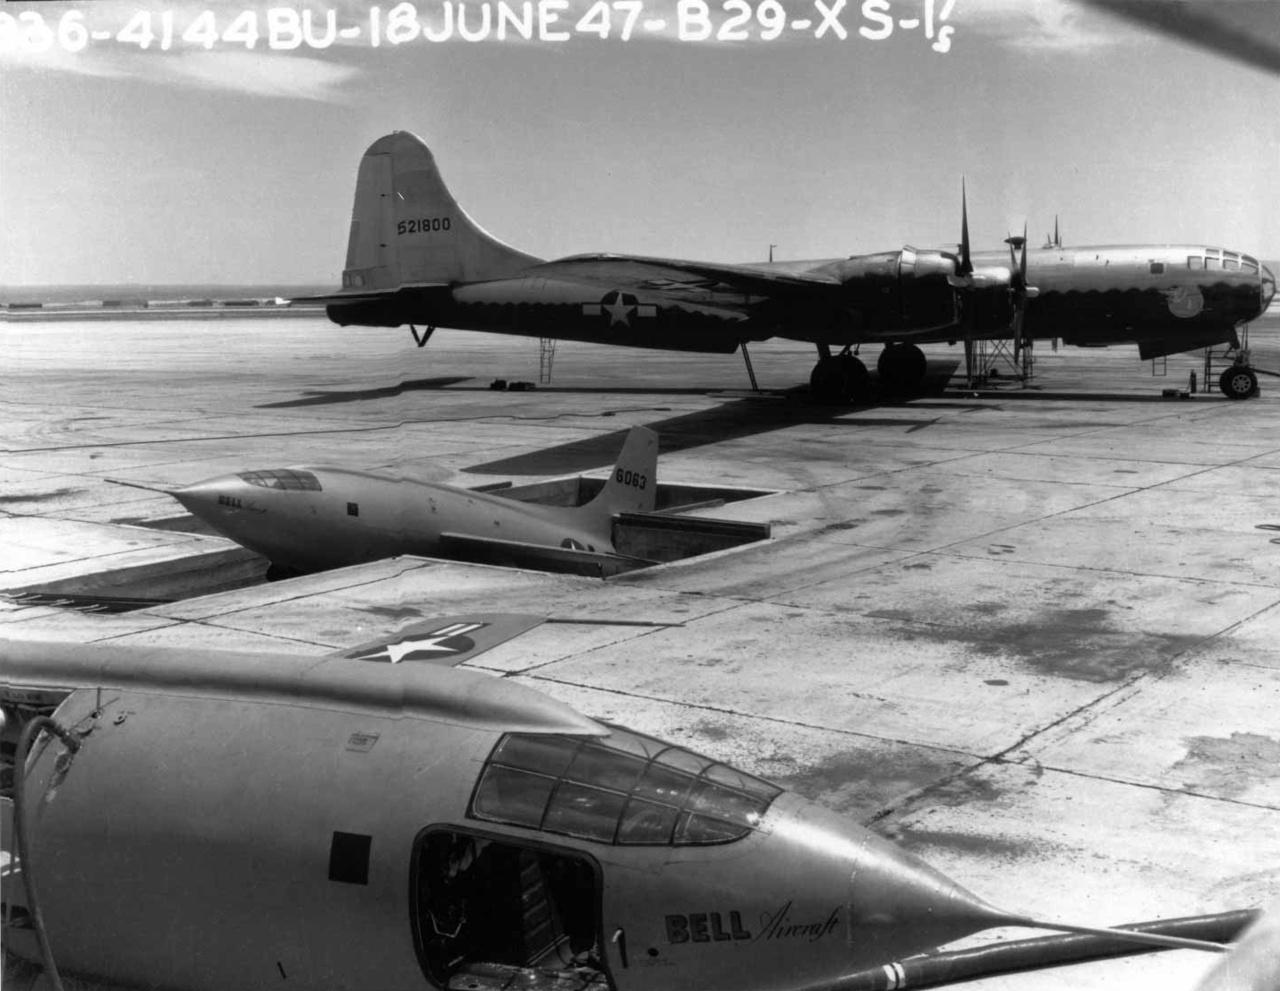 A Bell X-1-ből összesen három készült (a képen látható a 6063-as számú is), ezeket átalakított  B-29 Superfortress bombázók hasa alá rögzítve vitték a szükséges magasságokba a repülési tesztekhez.